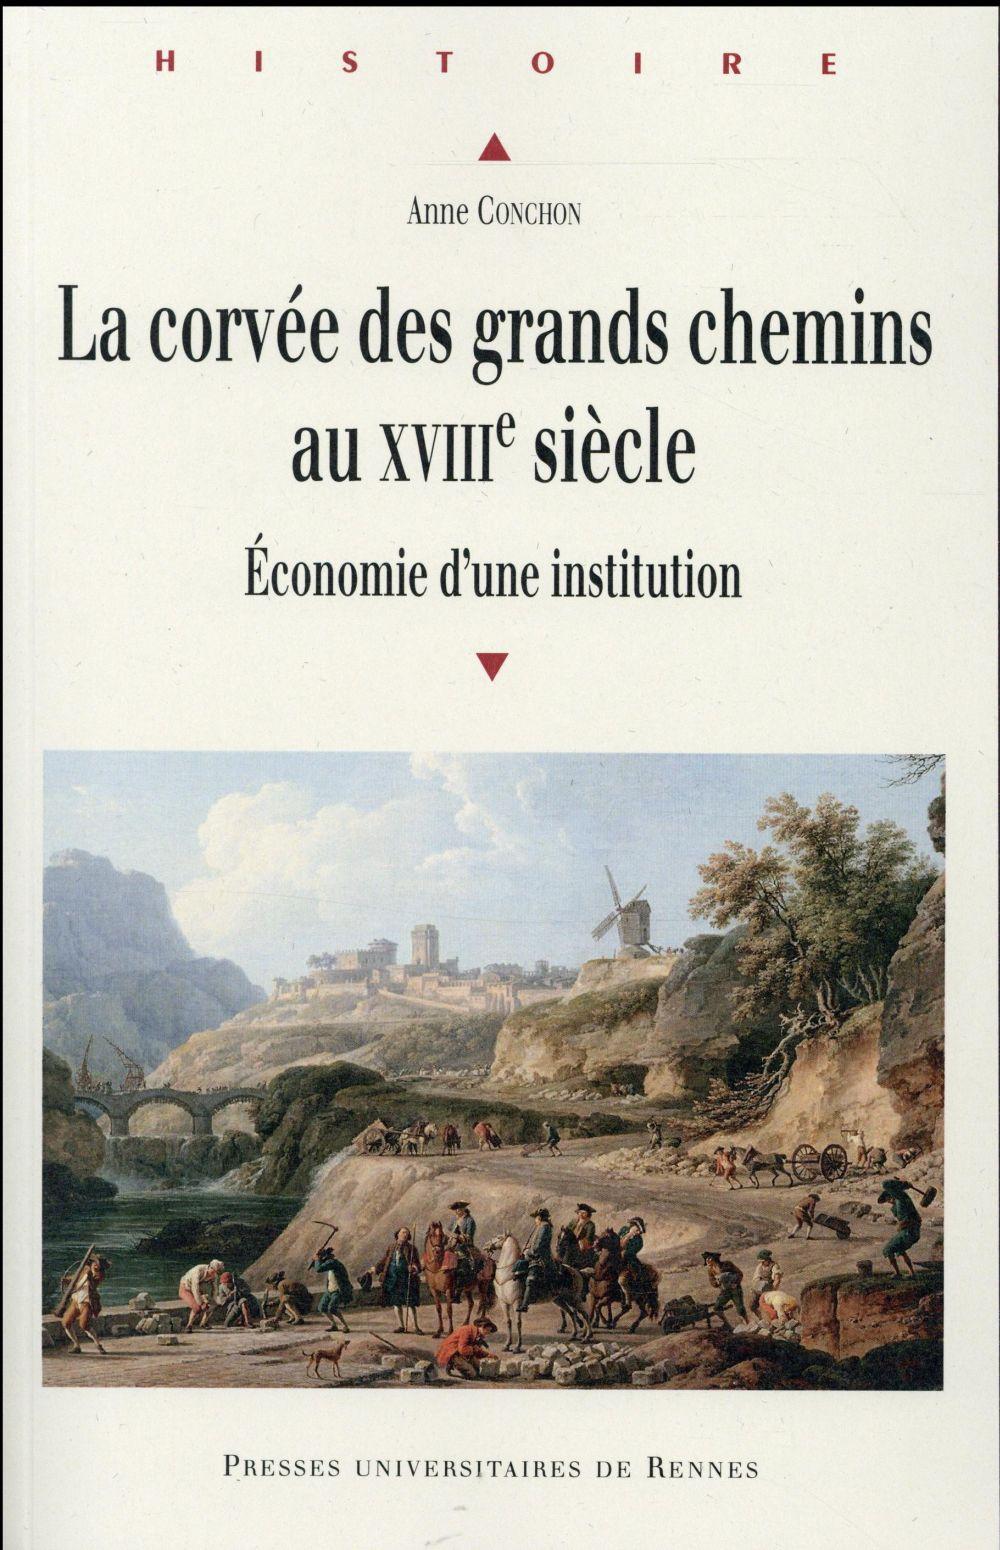 La corvée des grands chemins au XVIIIe siècle ; économie d'une institution